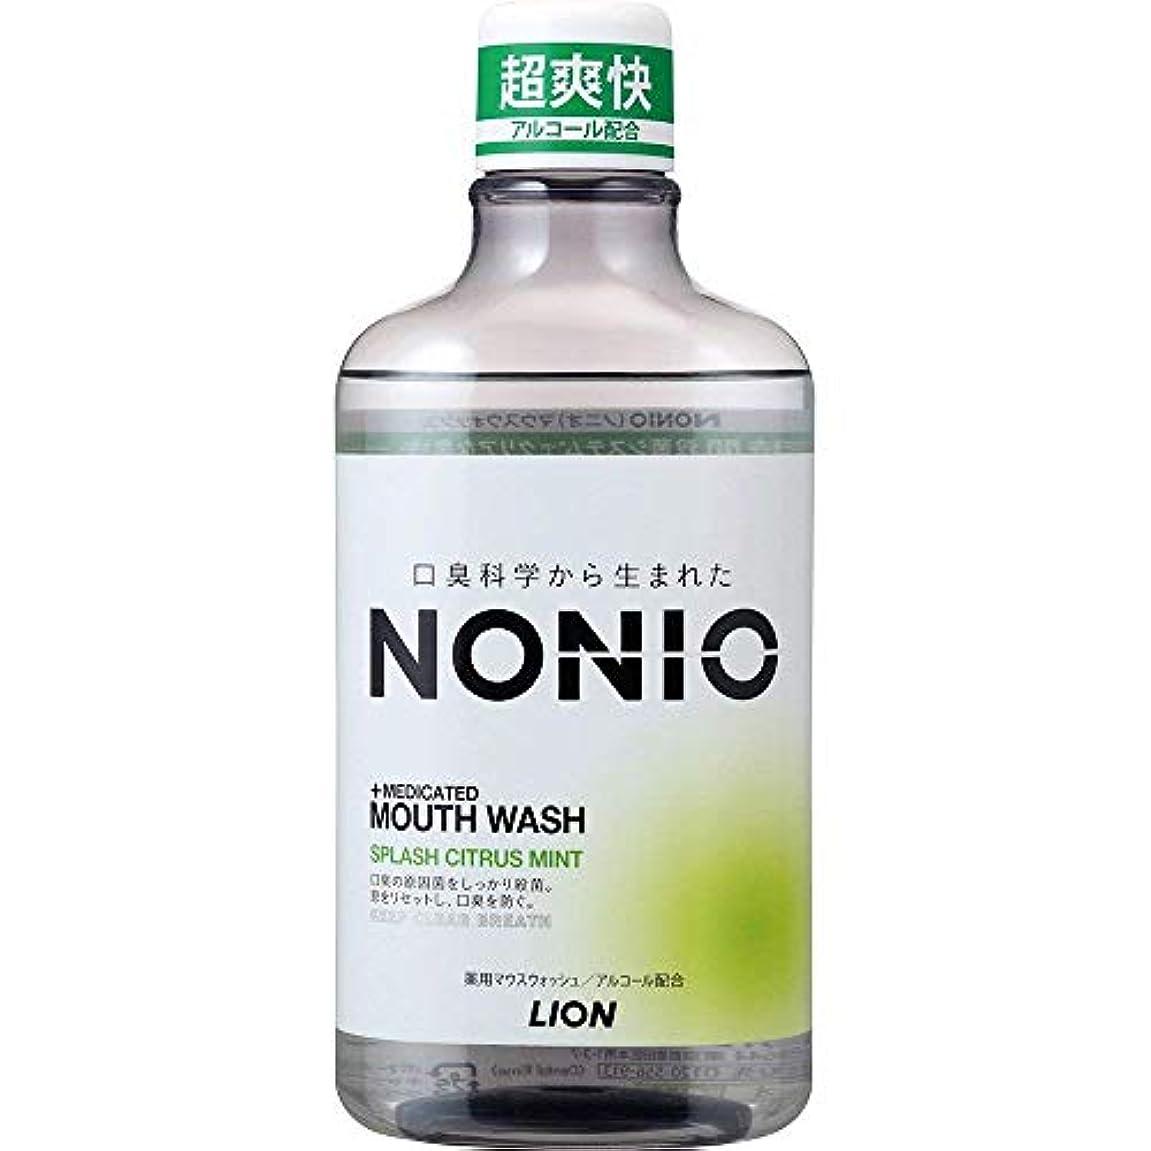 無駄だ終わった嫉妬NONIO マウスウォッシュ スプラッシュシトラスミント 600ml ×12個